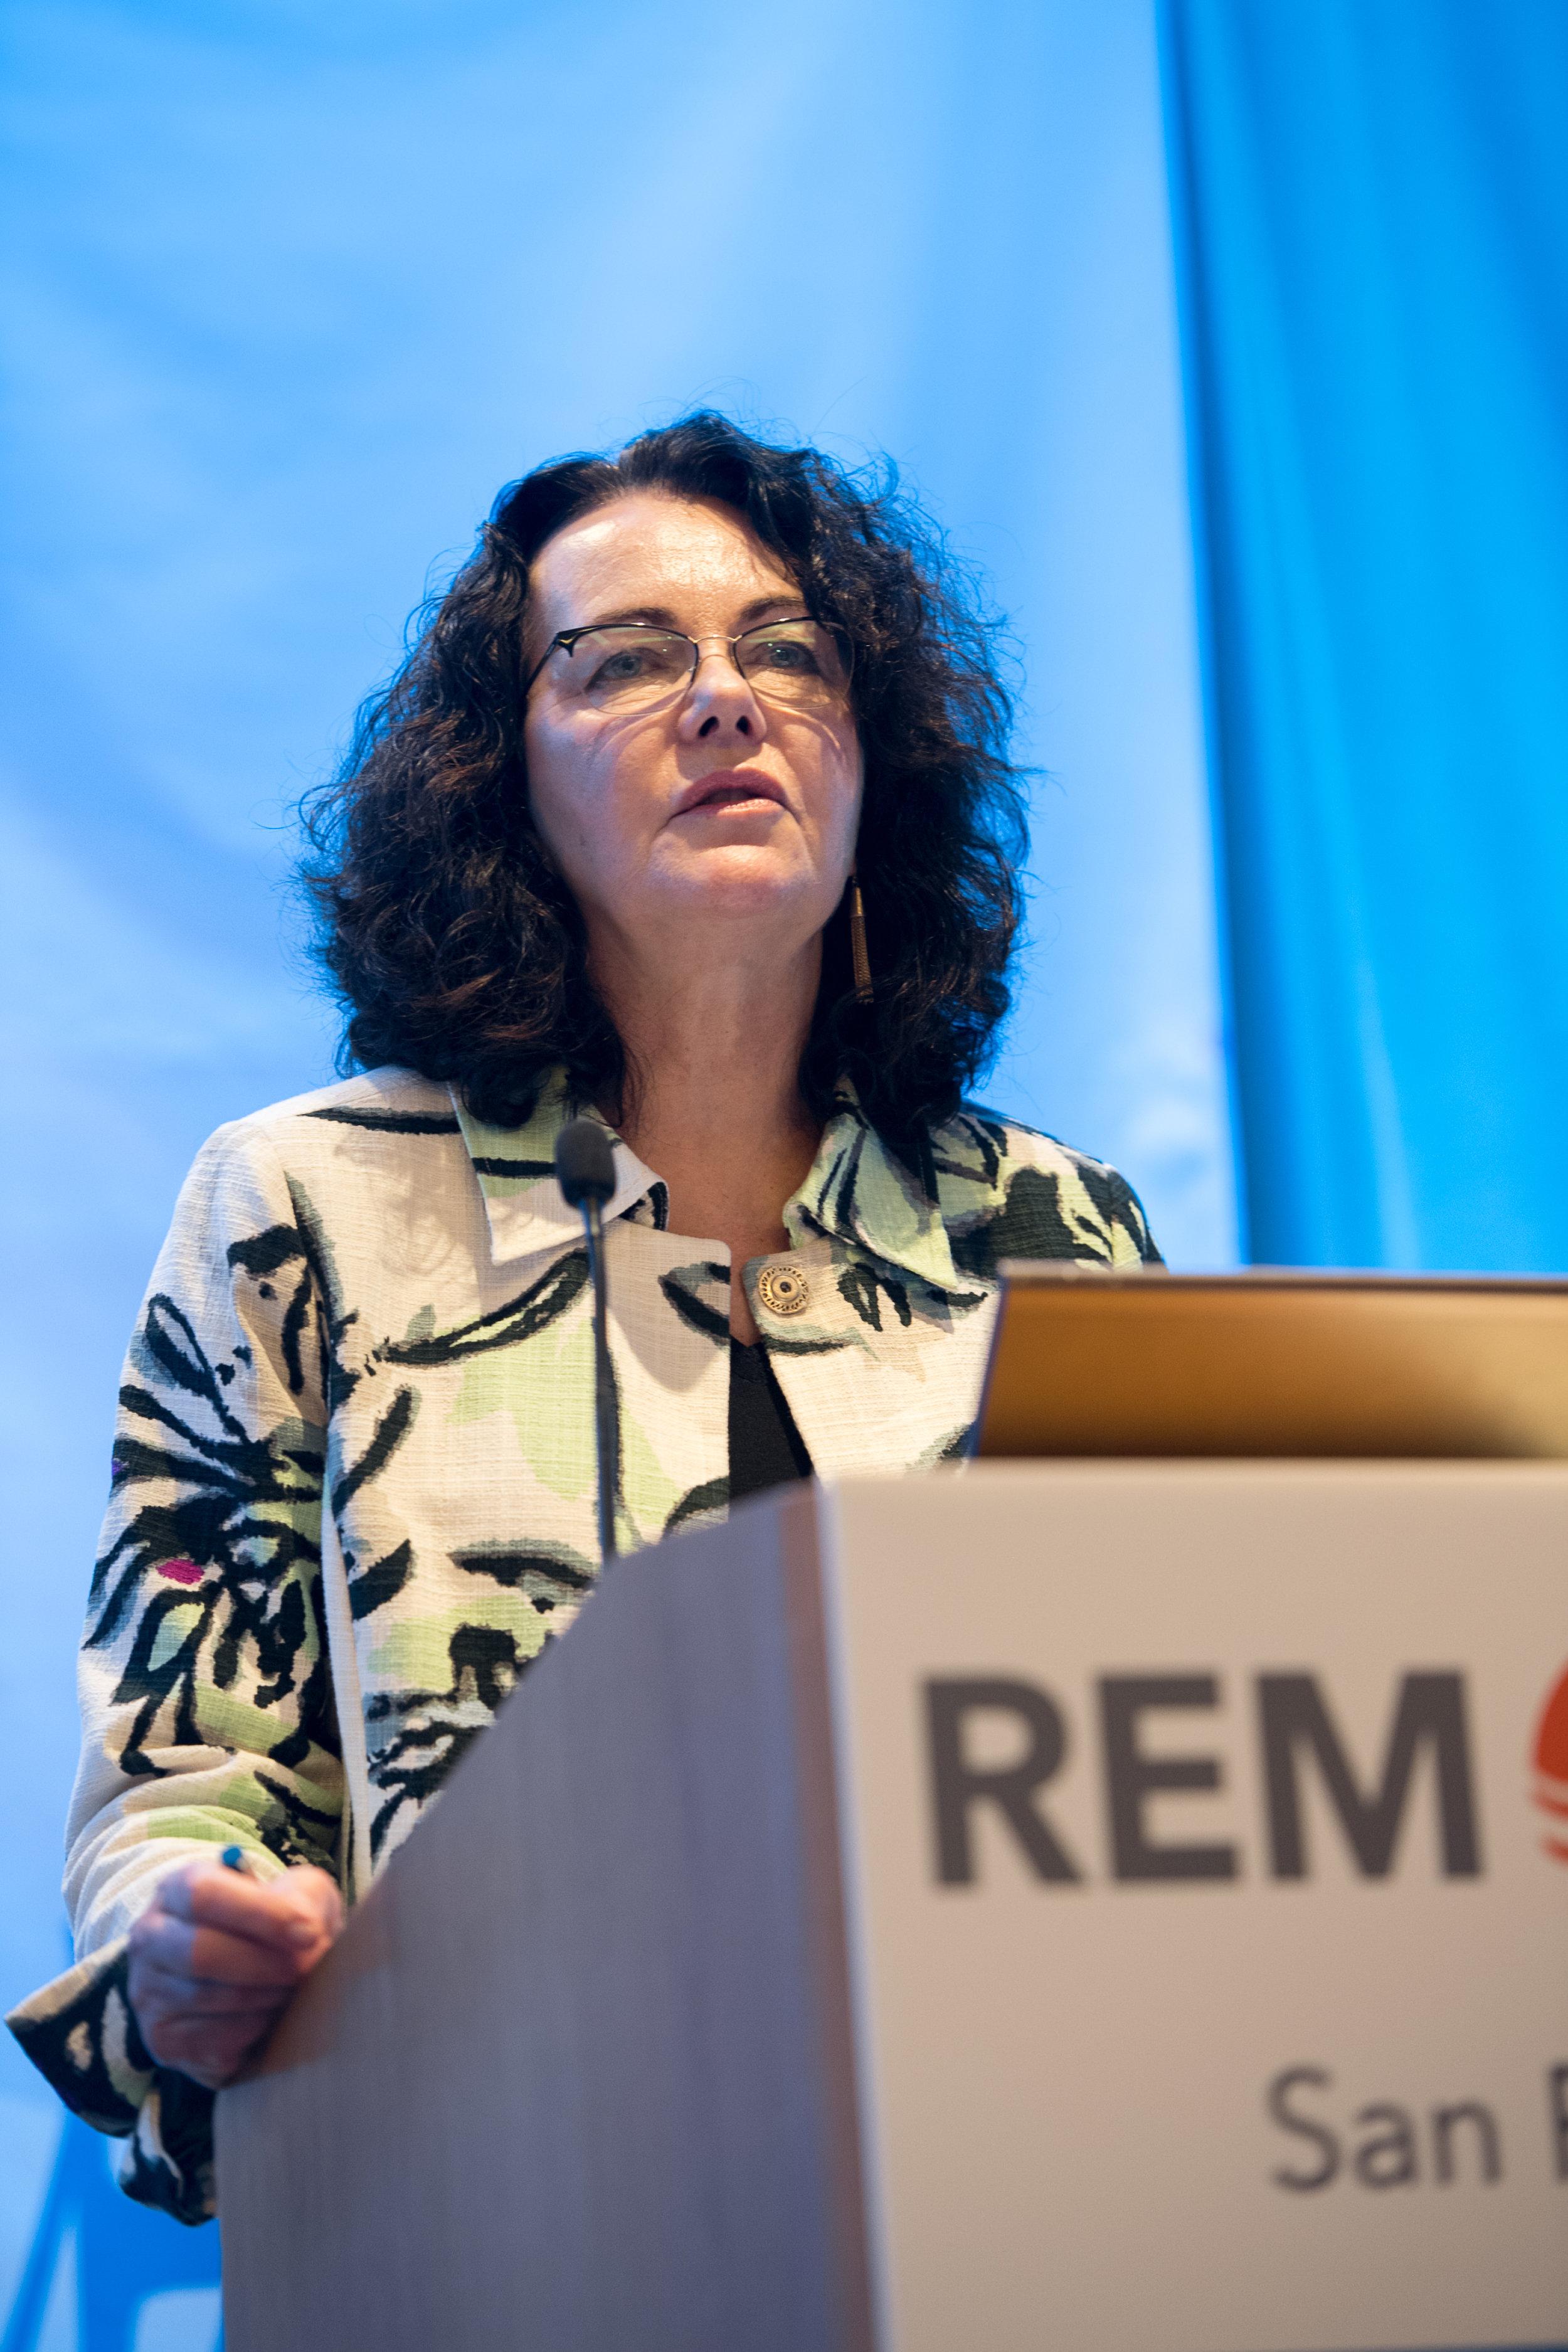 REMconf-276.jpg